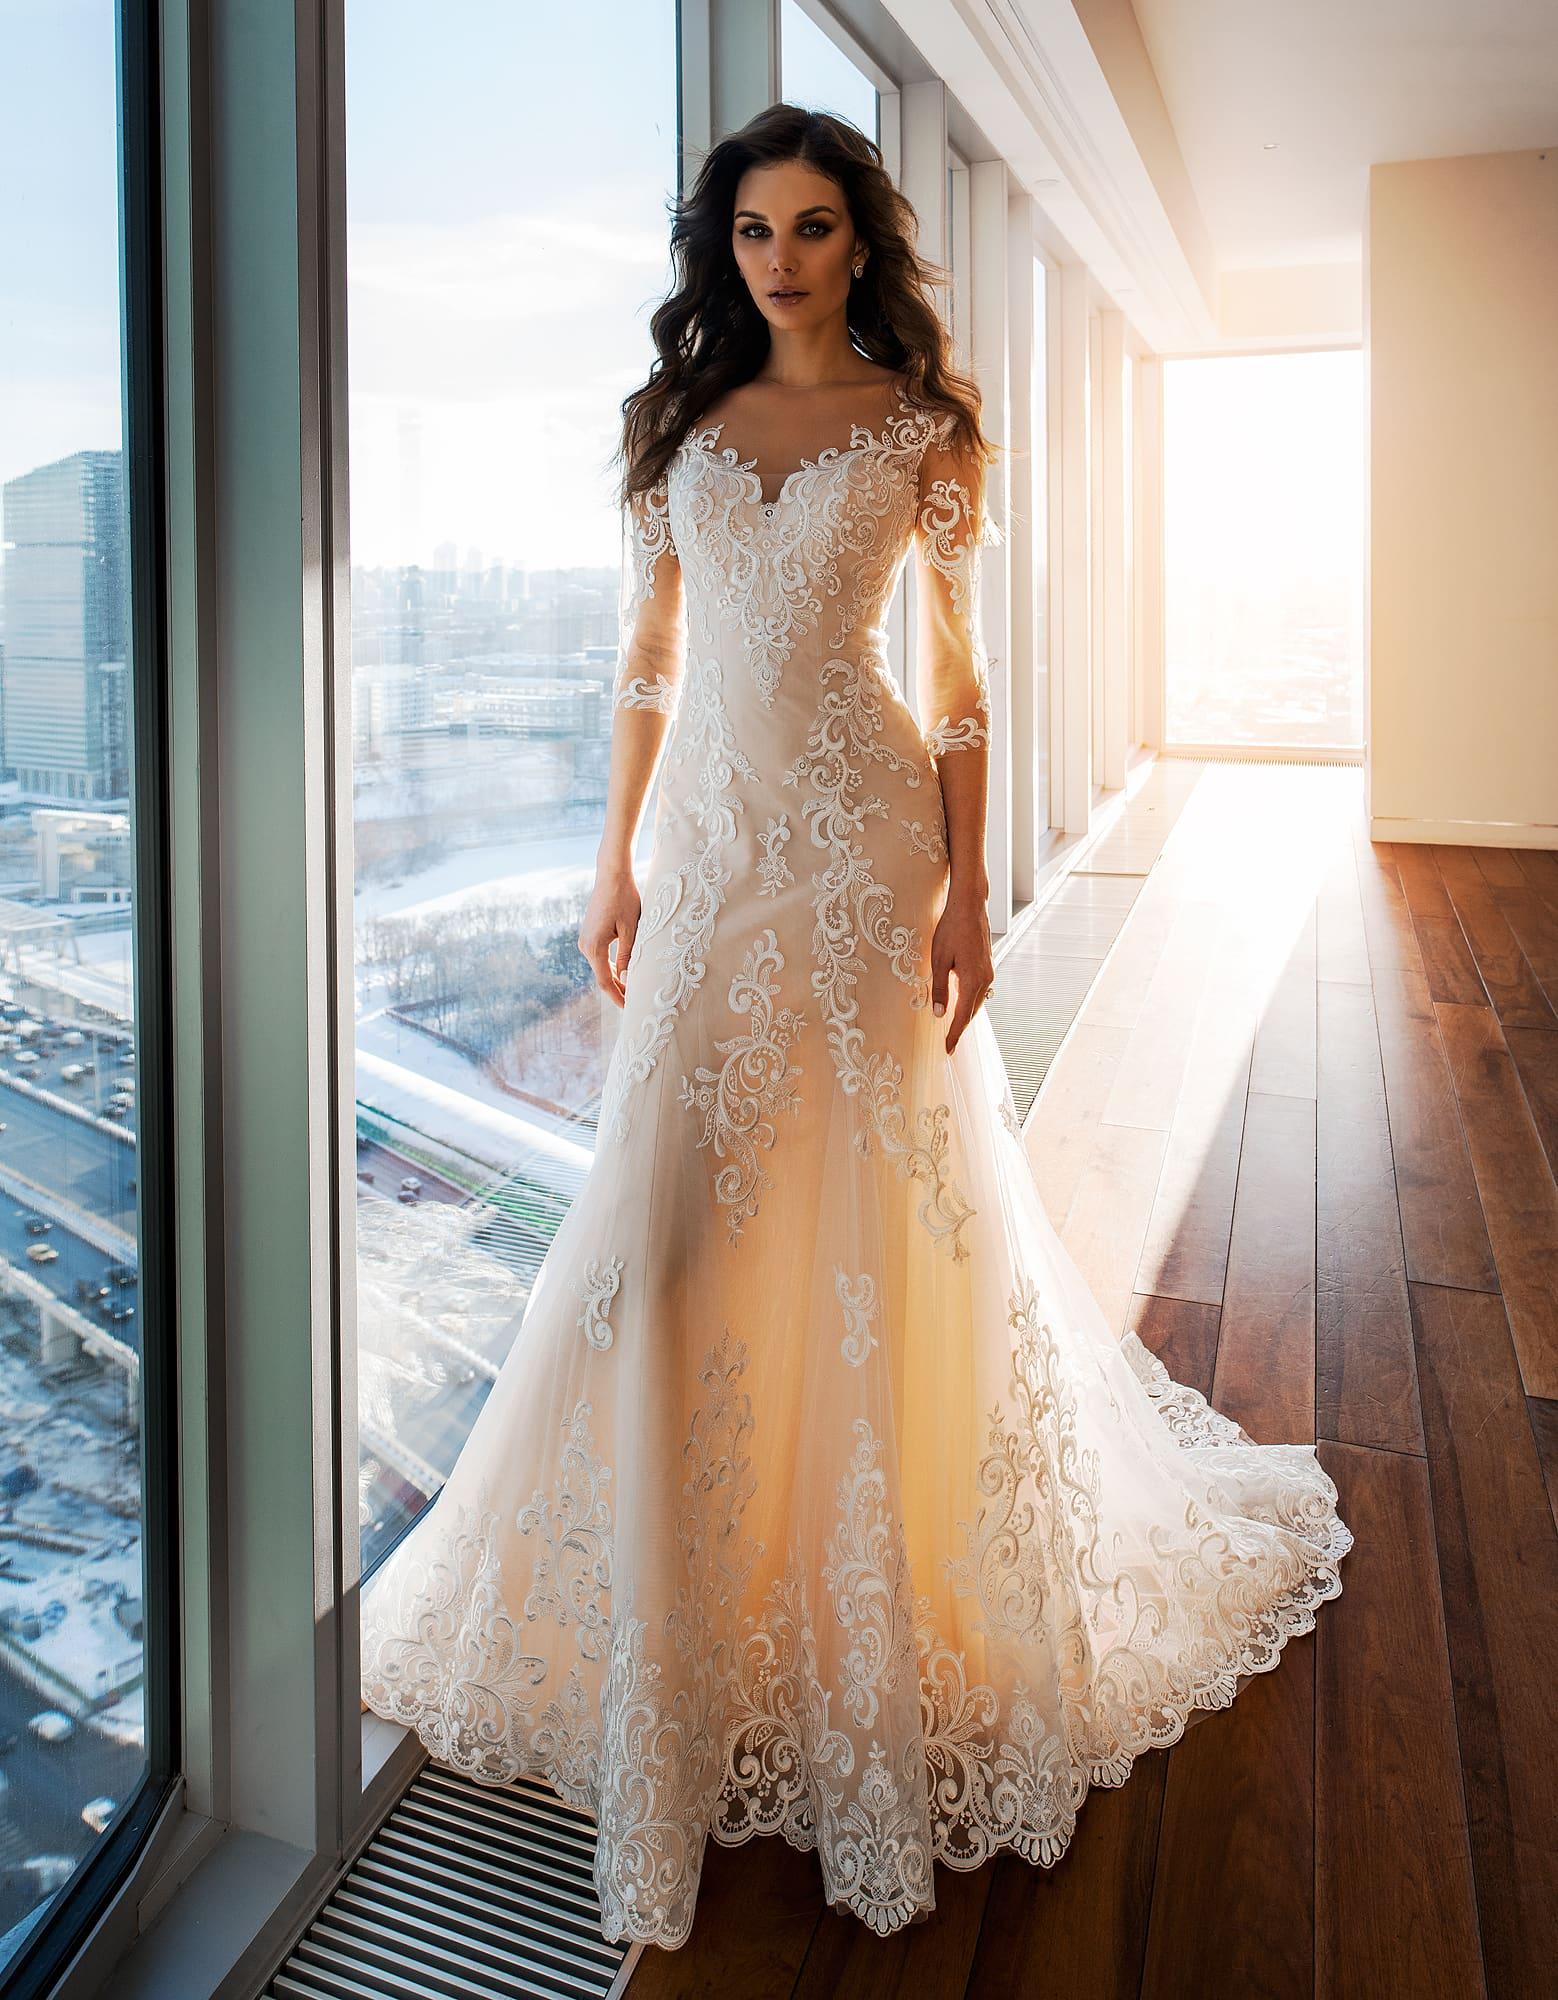 посмотреть фото платьев на свадьбу более, если